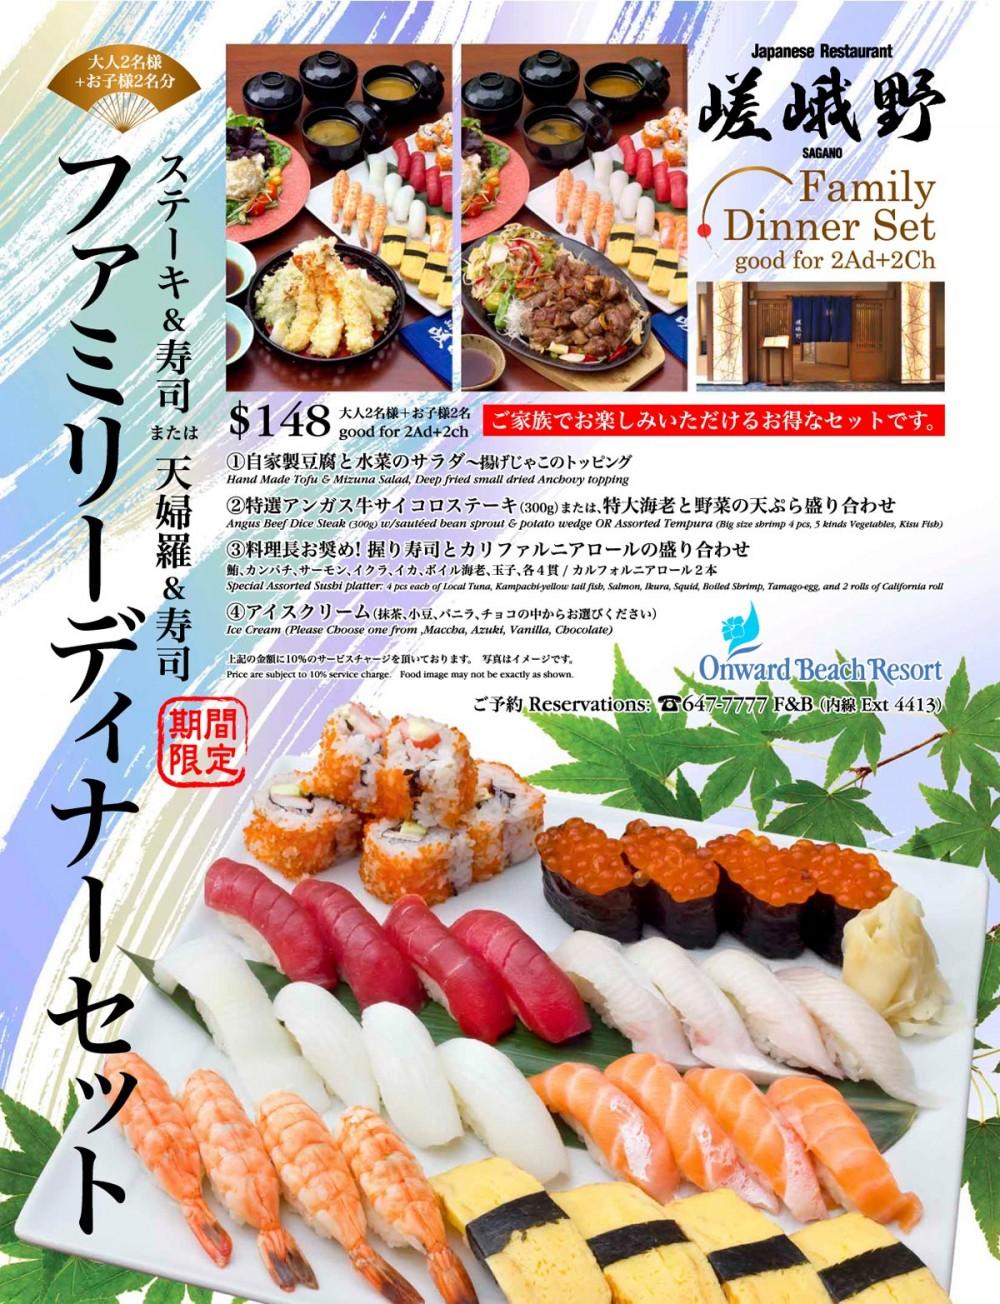 ファミリーディナーセット (嵯峨野の2014年夏限定ディナー)